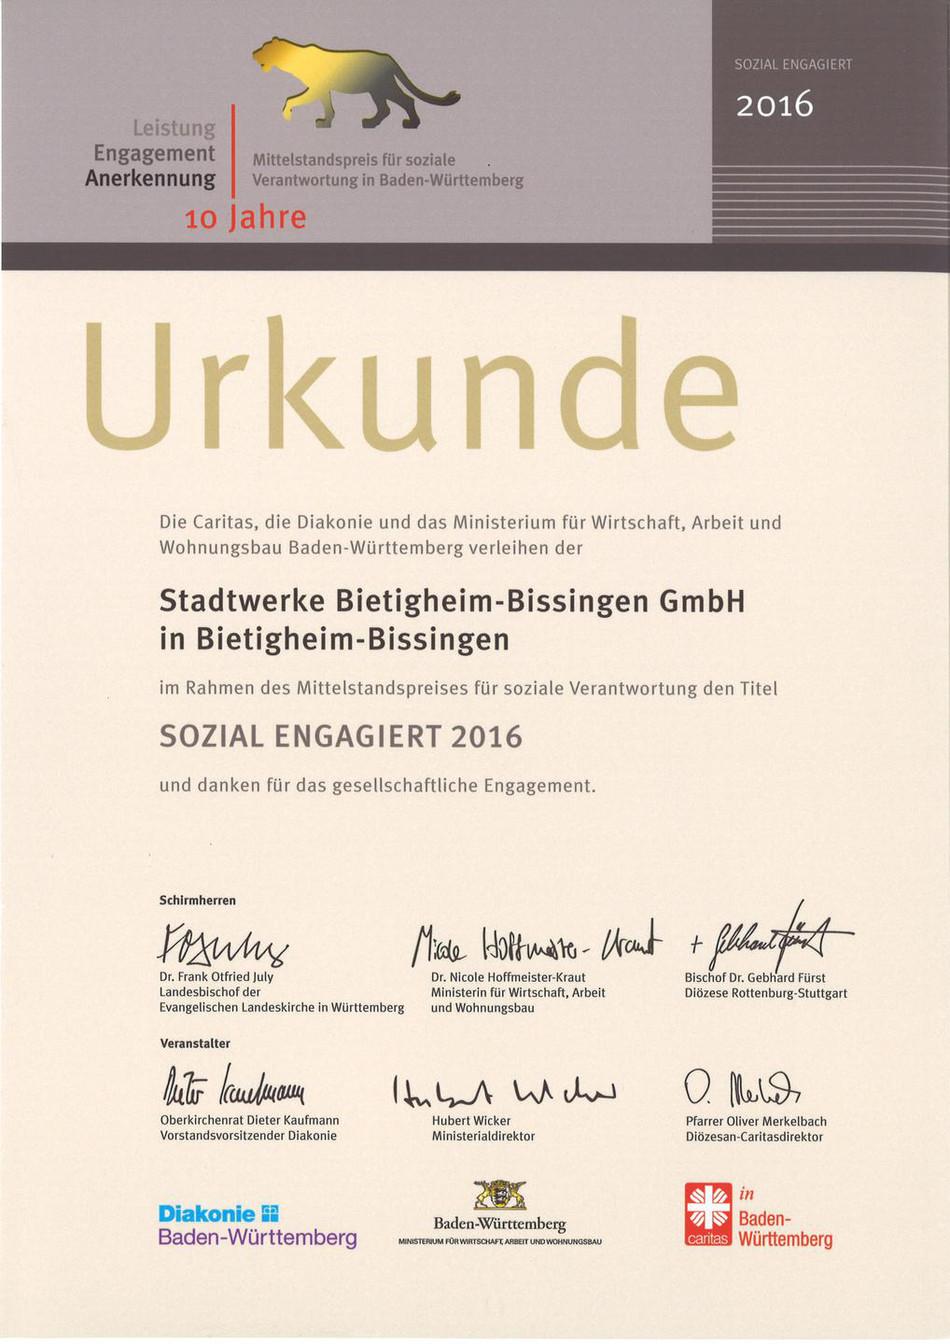 Urkunde LEA Mittelstandspreis 2016